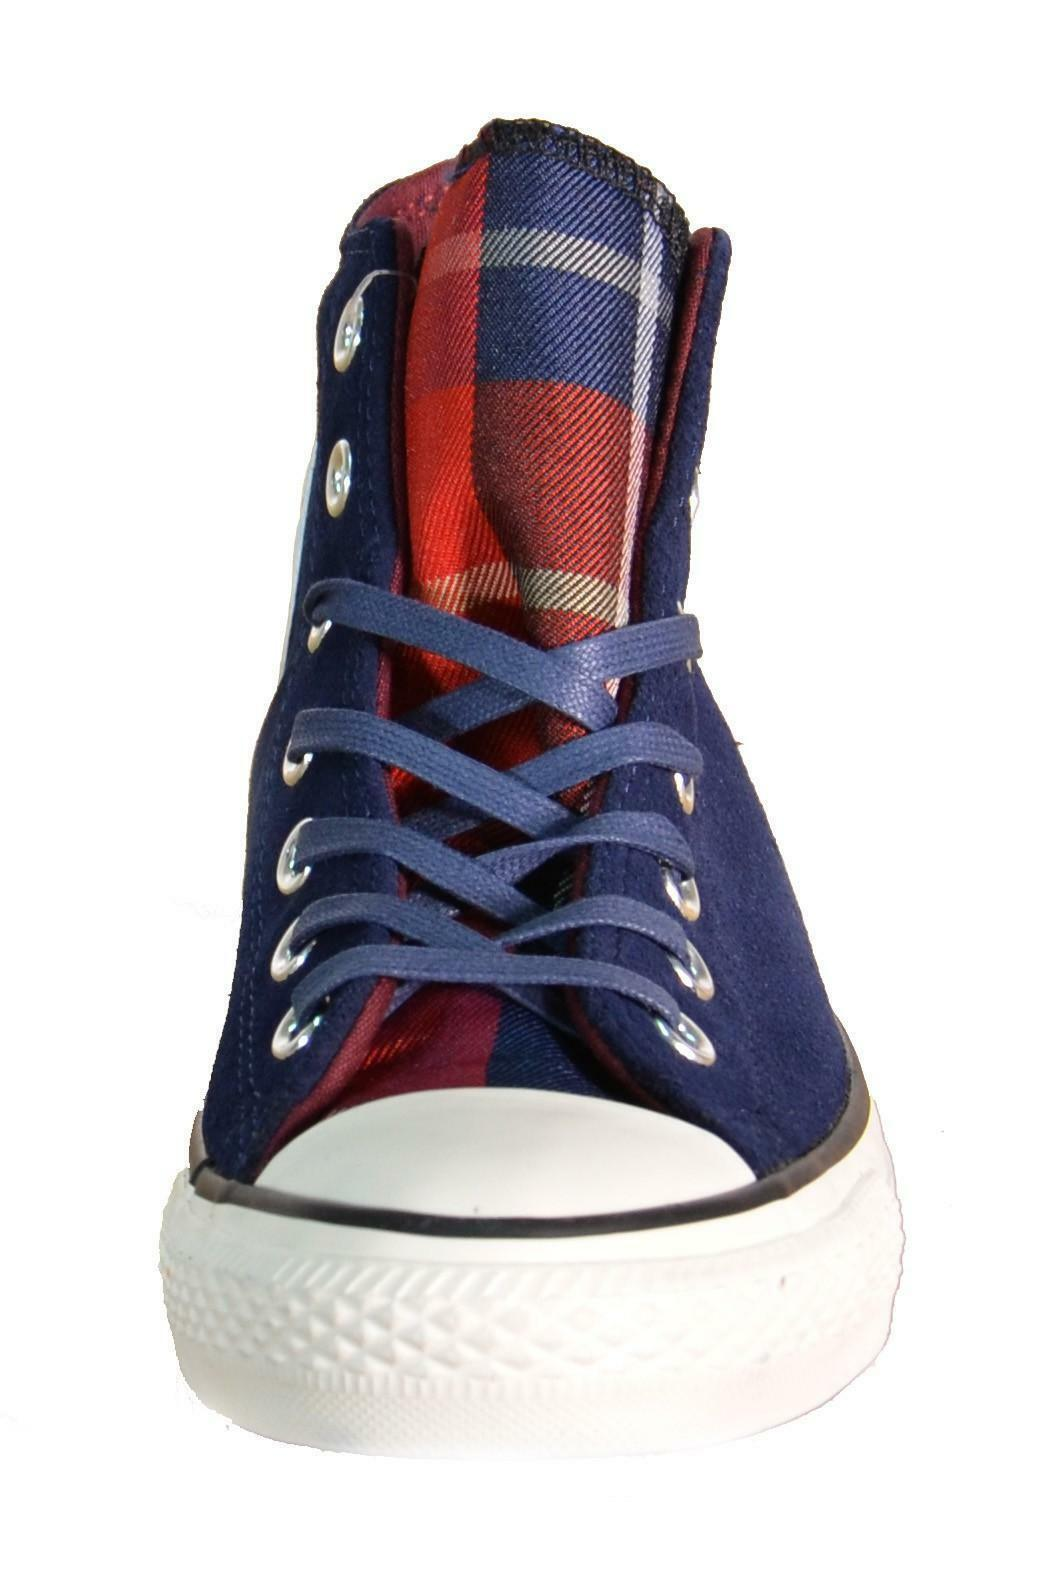 converse all star ct hi nighttime scarpe sportive donna blu 150591c